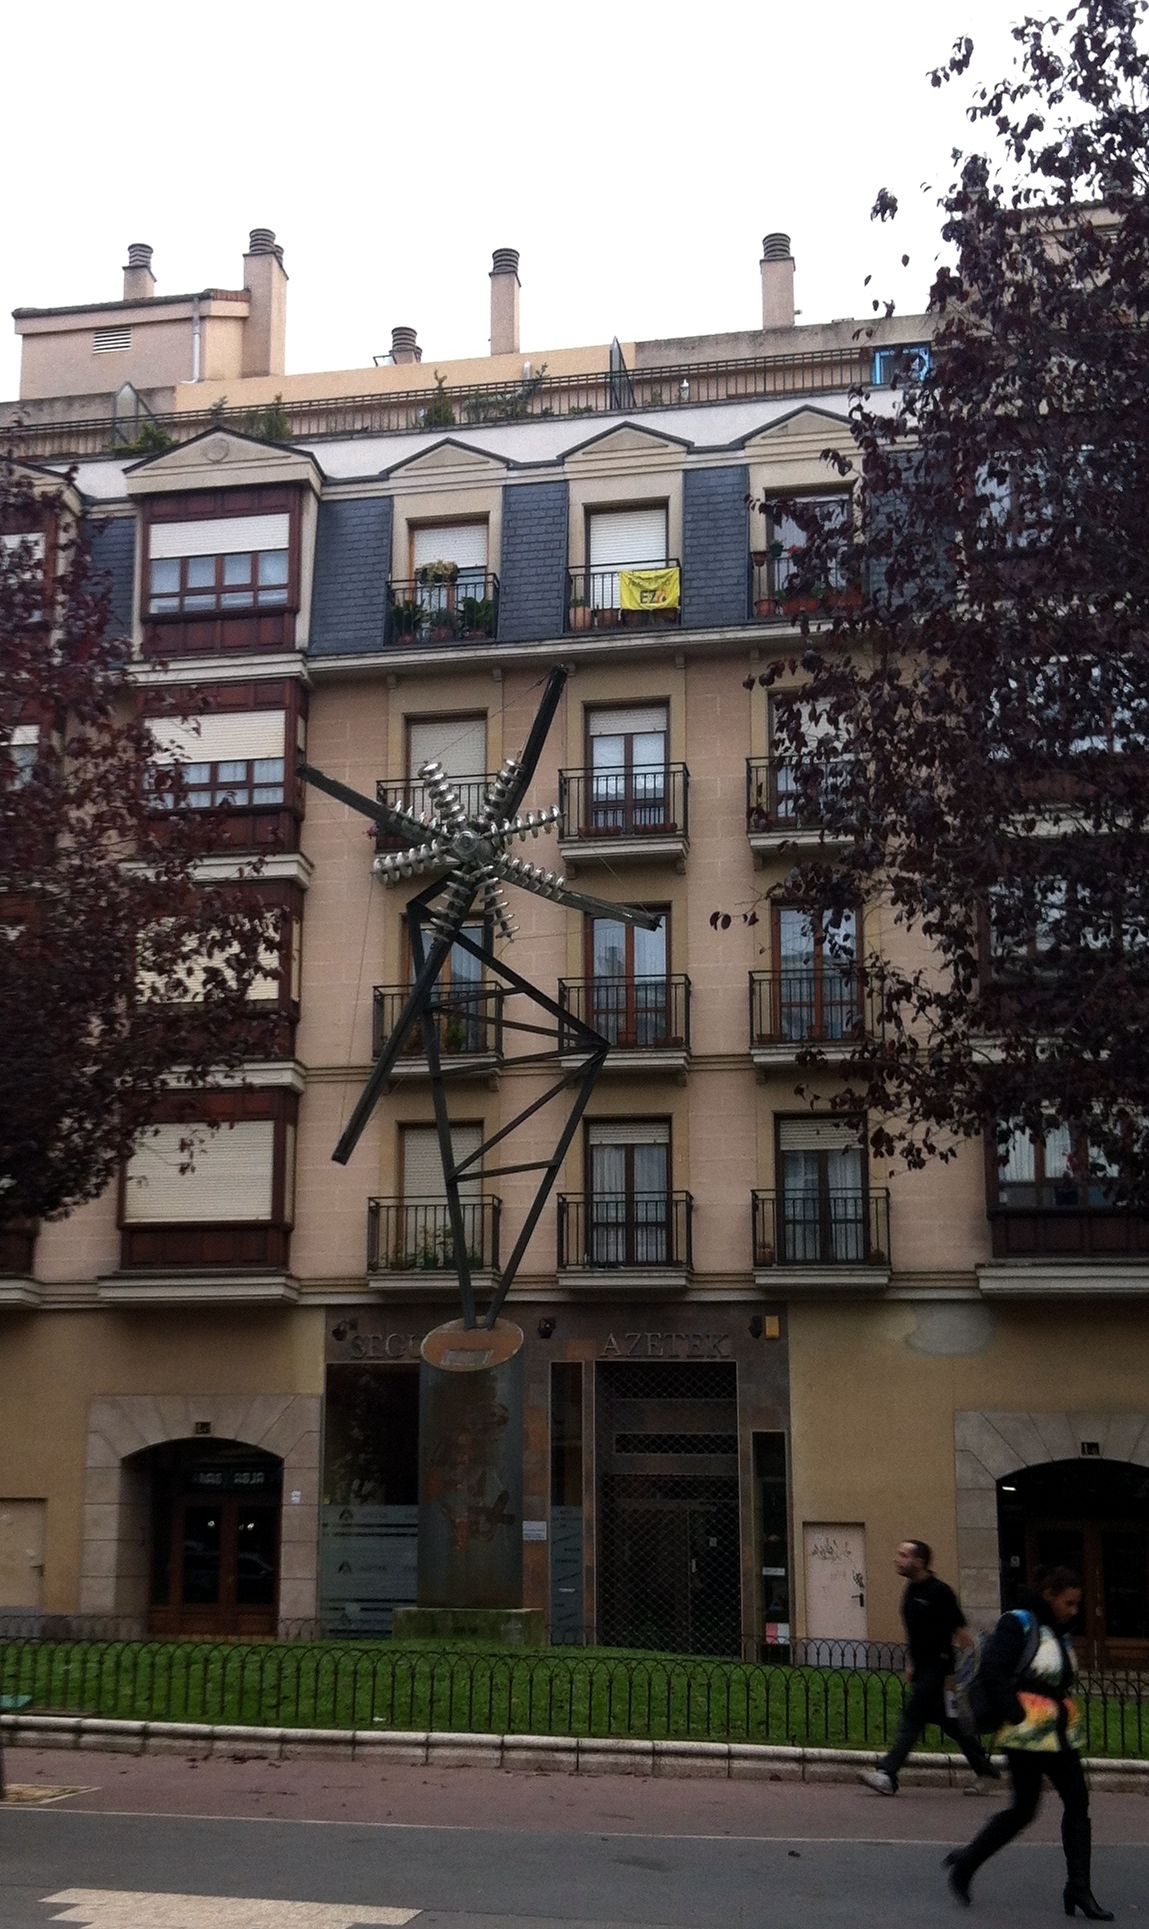 Argiola.1992- Pilar Posada escultora. Columna conmemorativa en el lugar de la fundación de la primera fábrica de energía eléctrica de Vitoria-Gasteiz.